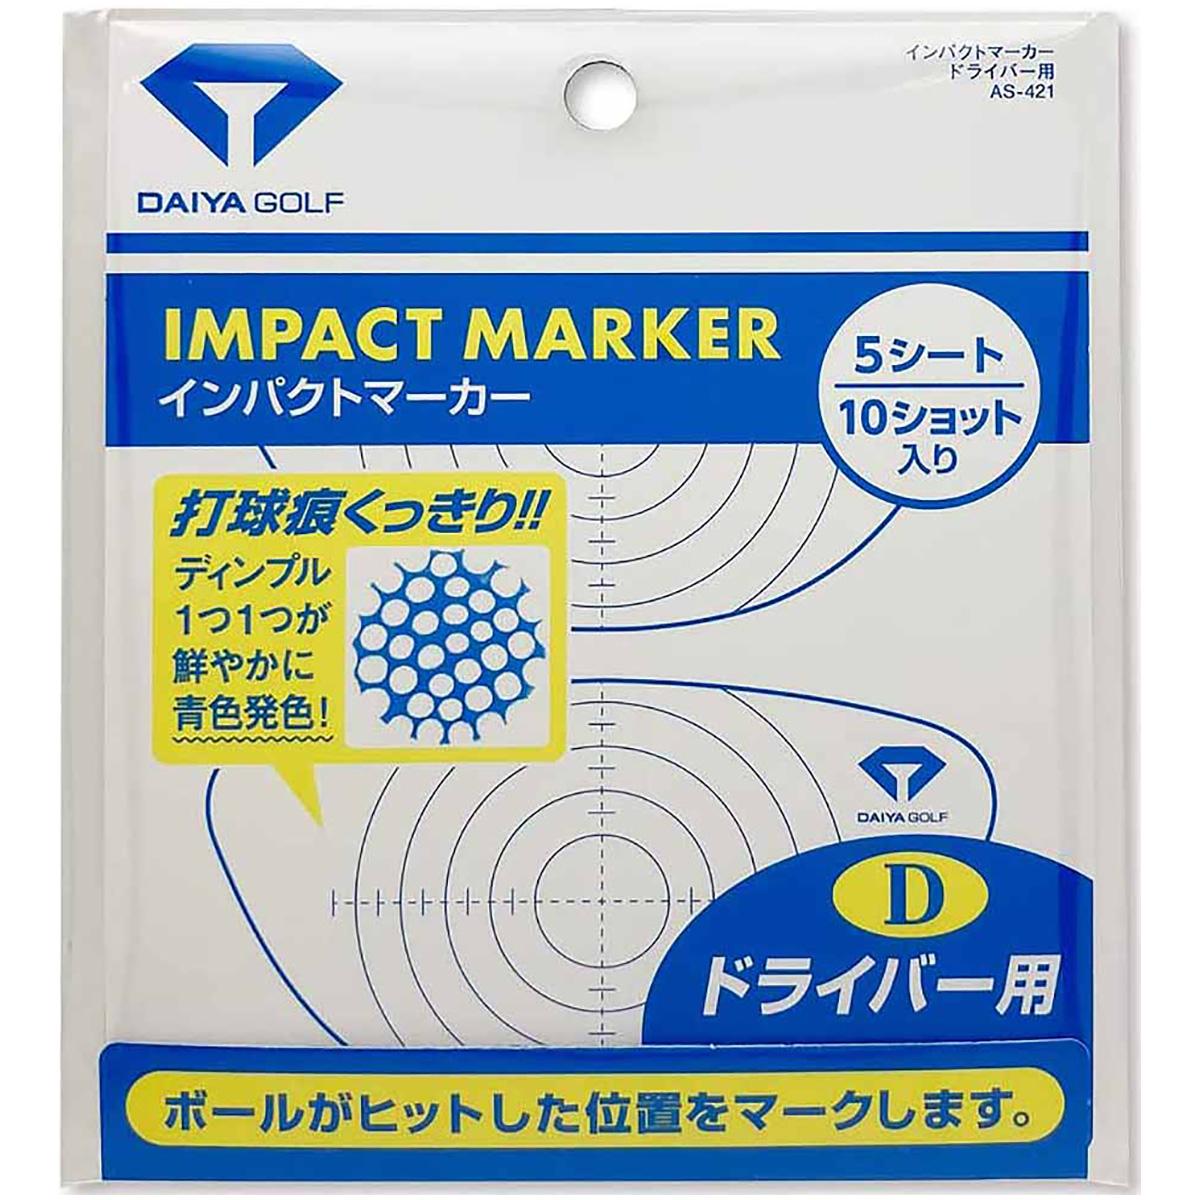 インパクトマーカー DR用 AS-421